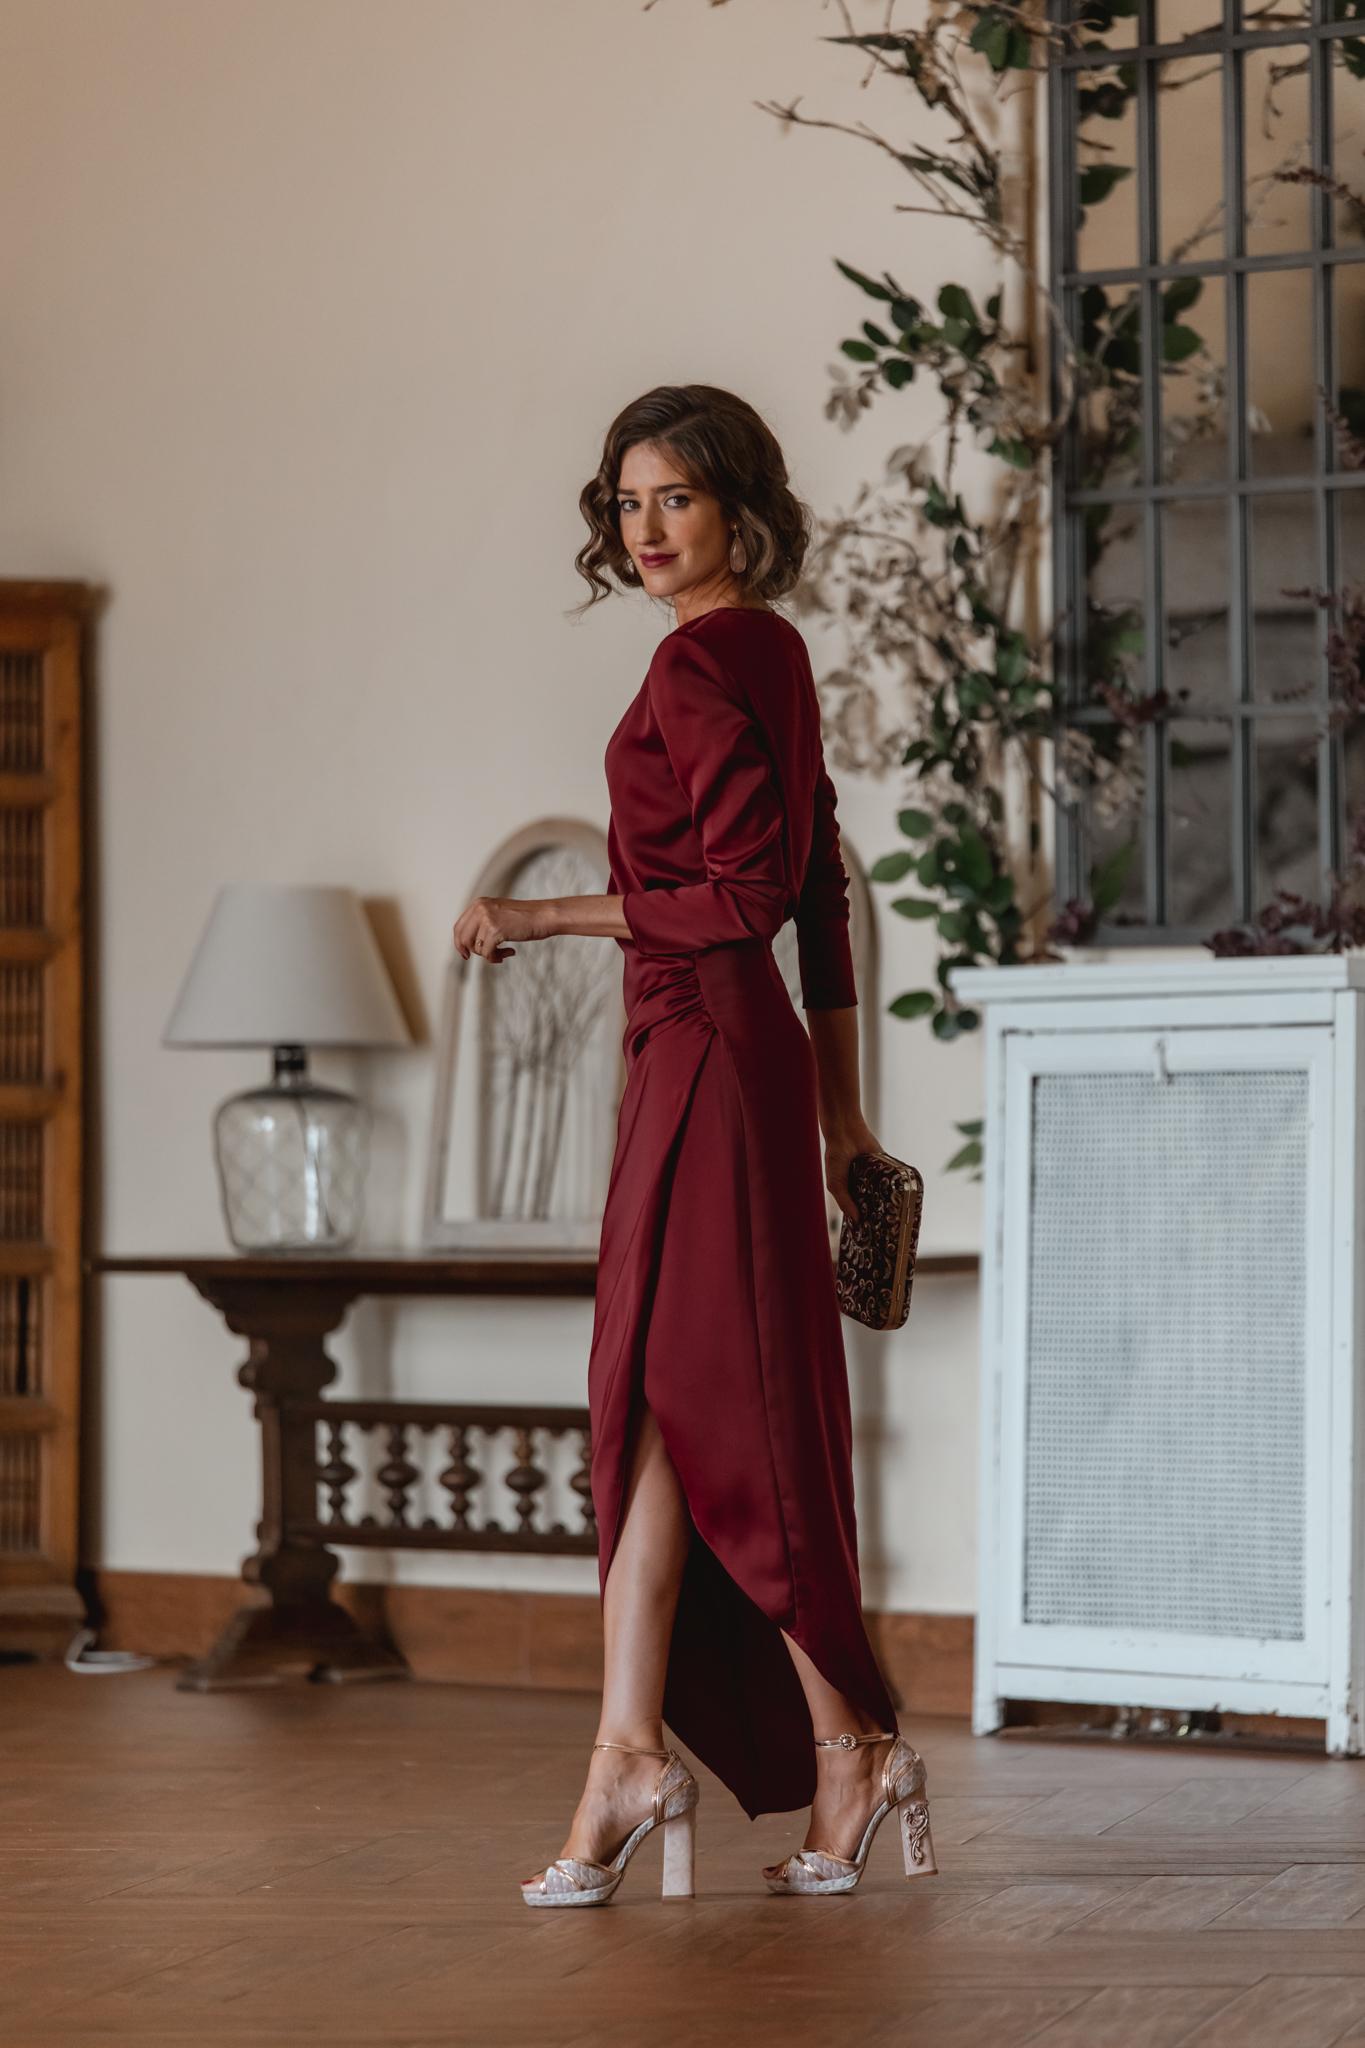 invitada perfecta vestido granate otoño